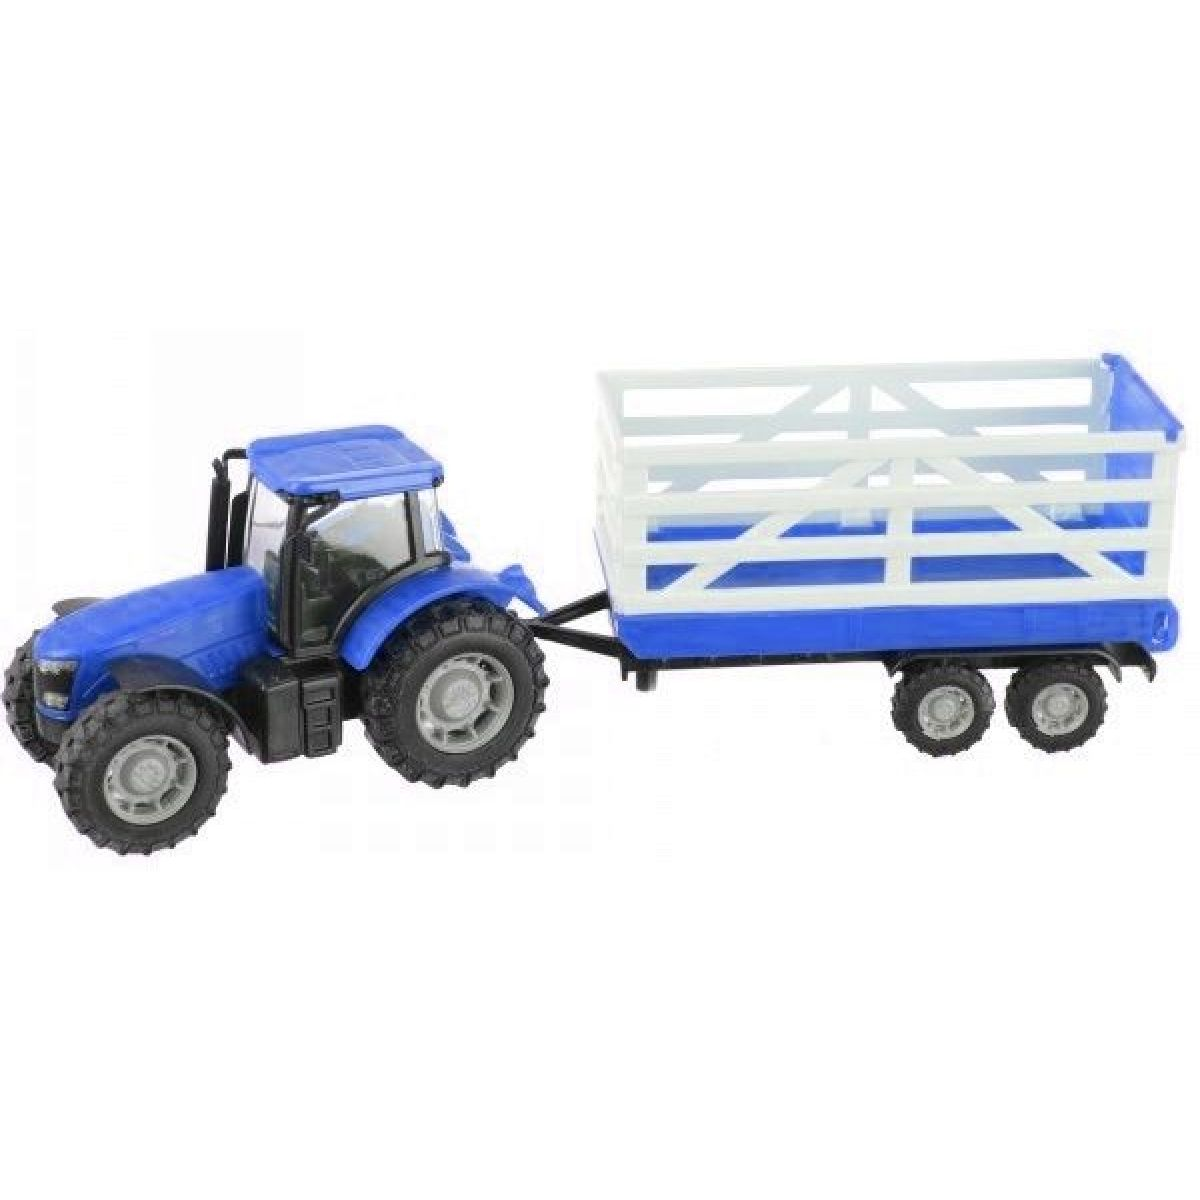 Teamsterz Traktor s prívesom - Modrý traktor s prívesom